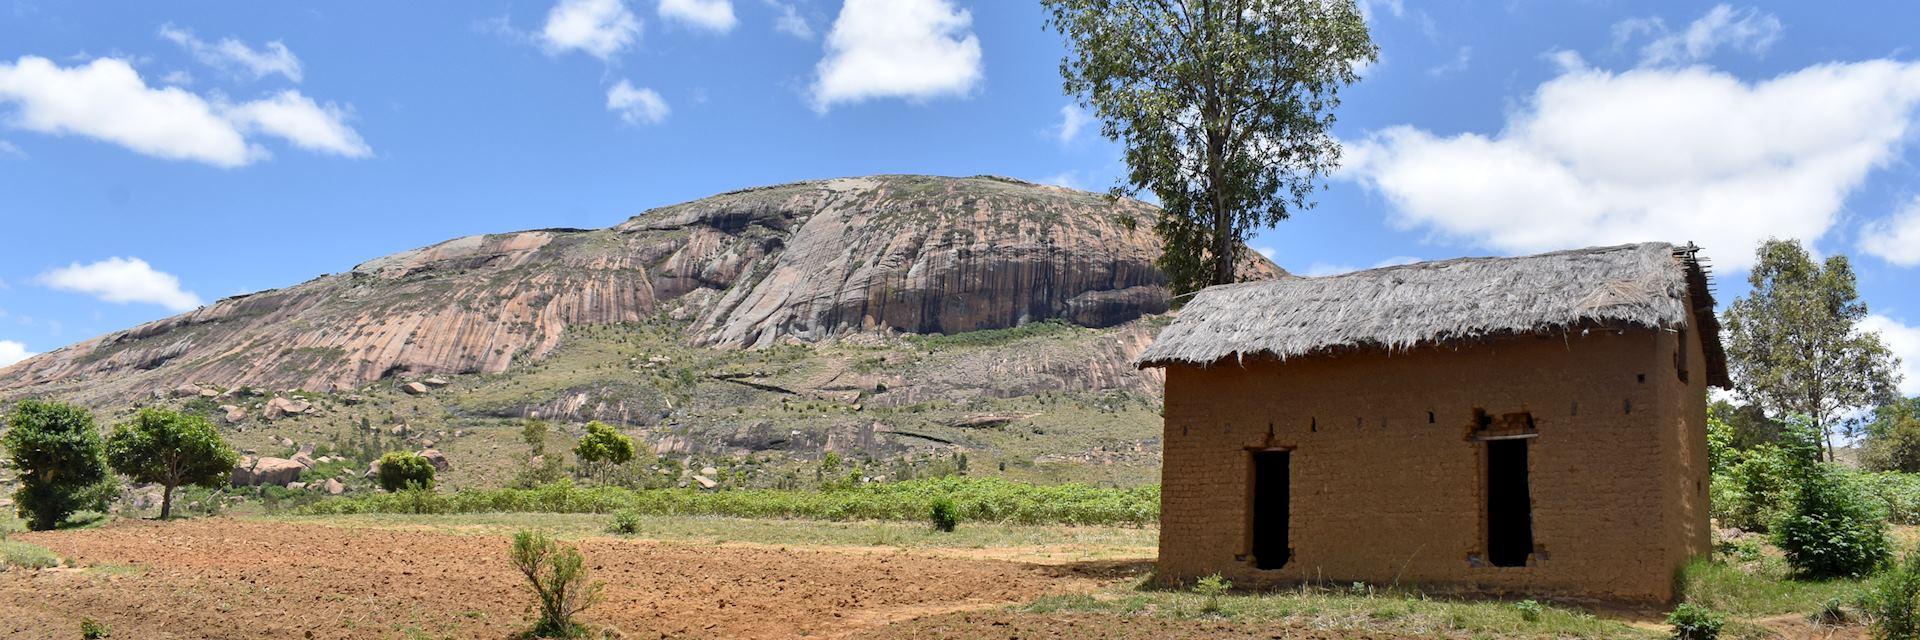 Ambalavao scenery